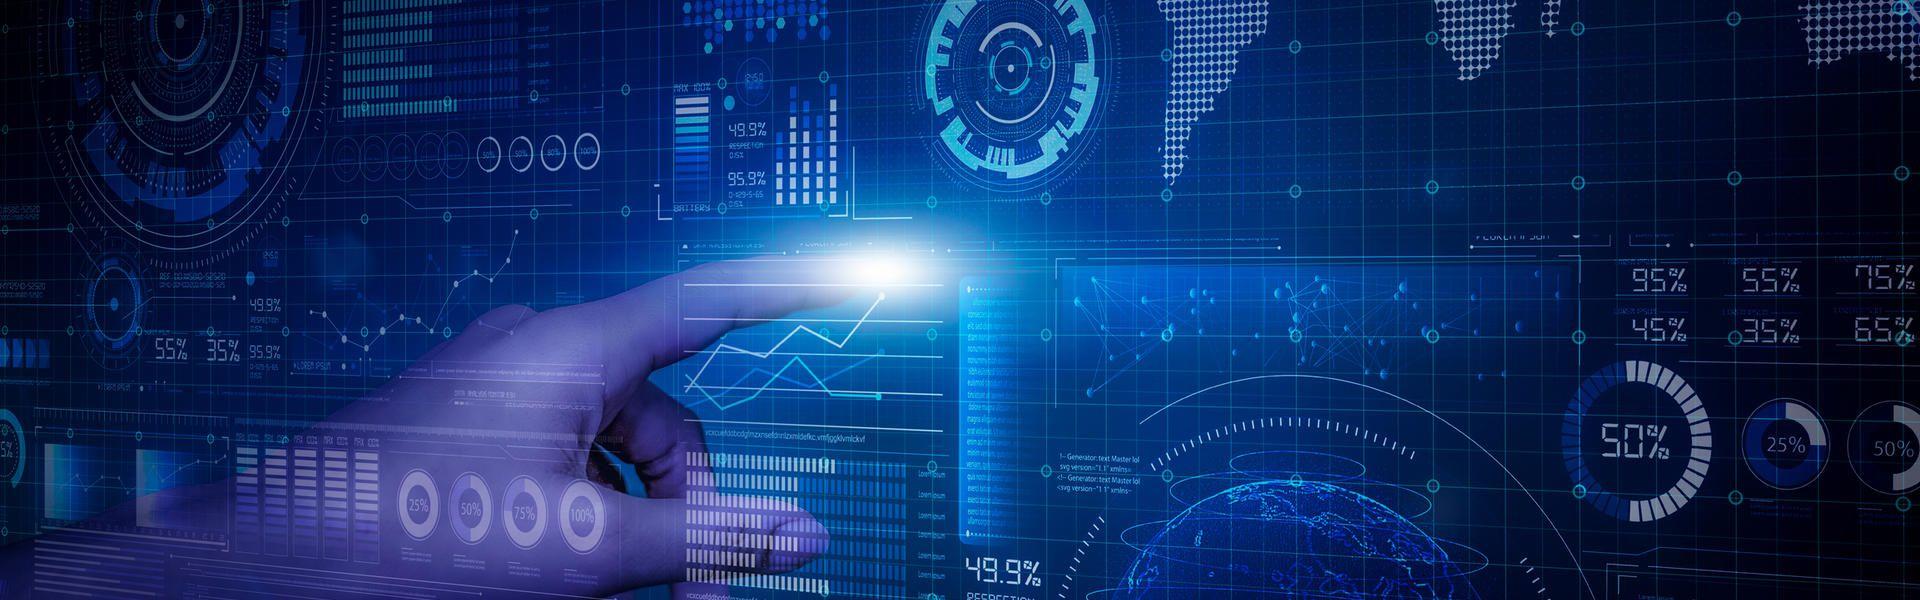 <b>金融科技_大数据云服务平台_方案</b>